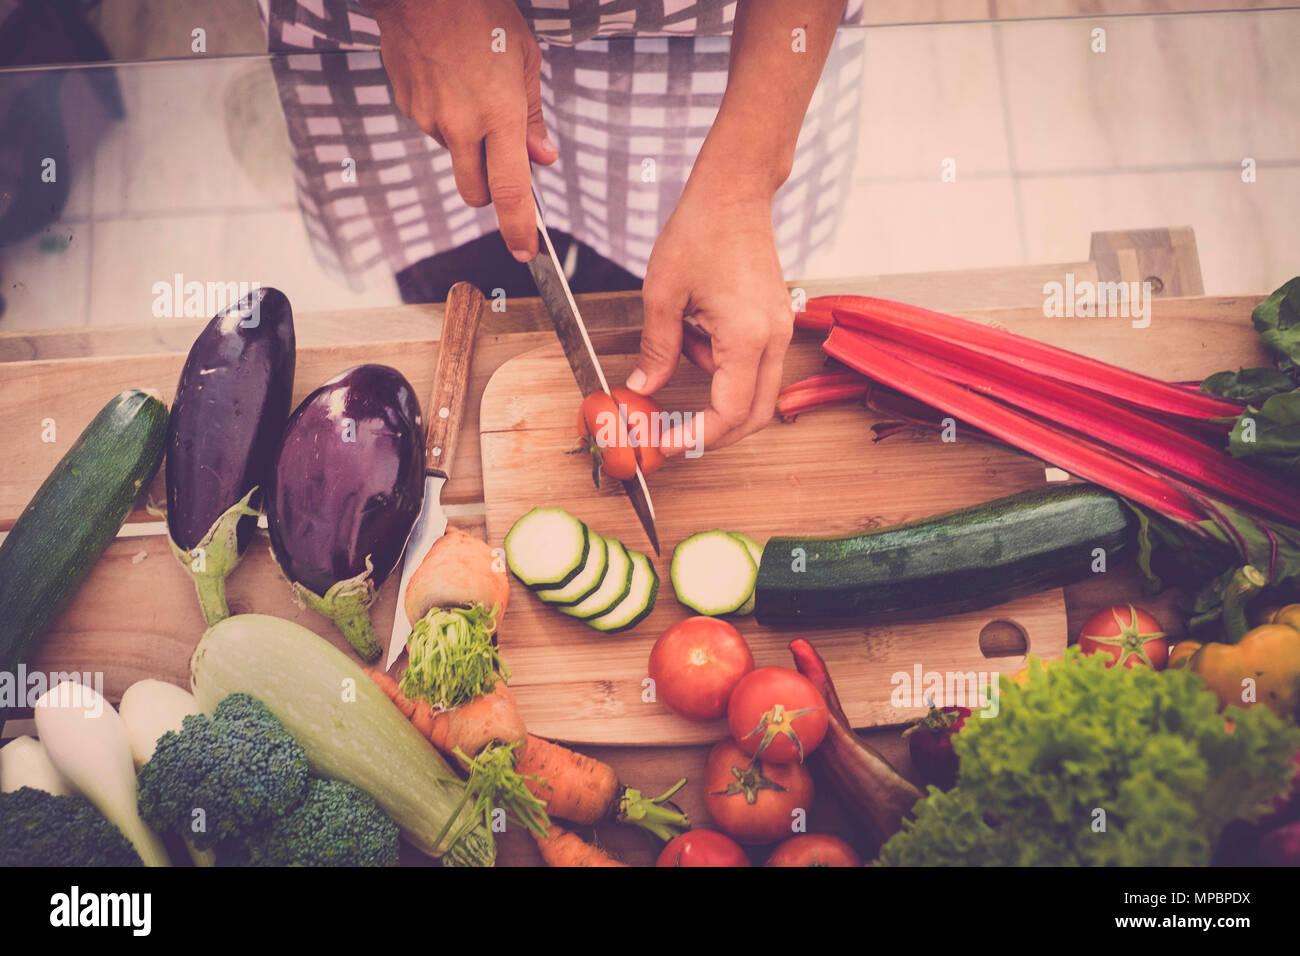 Primer plano de manos humanas la cocción de los alimentos, la ensalada de verduras en la cocina. Preparar comida en la cocina. Healhty concepto de estilo de vida en casa comerlo crudo en Imagen De Stock